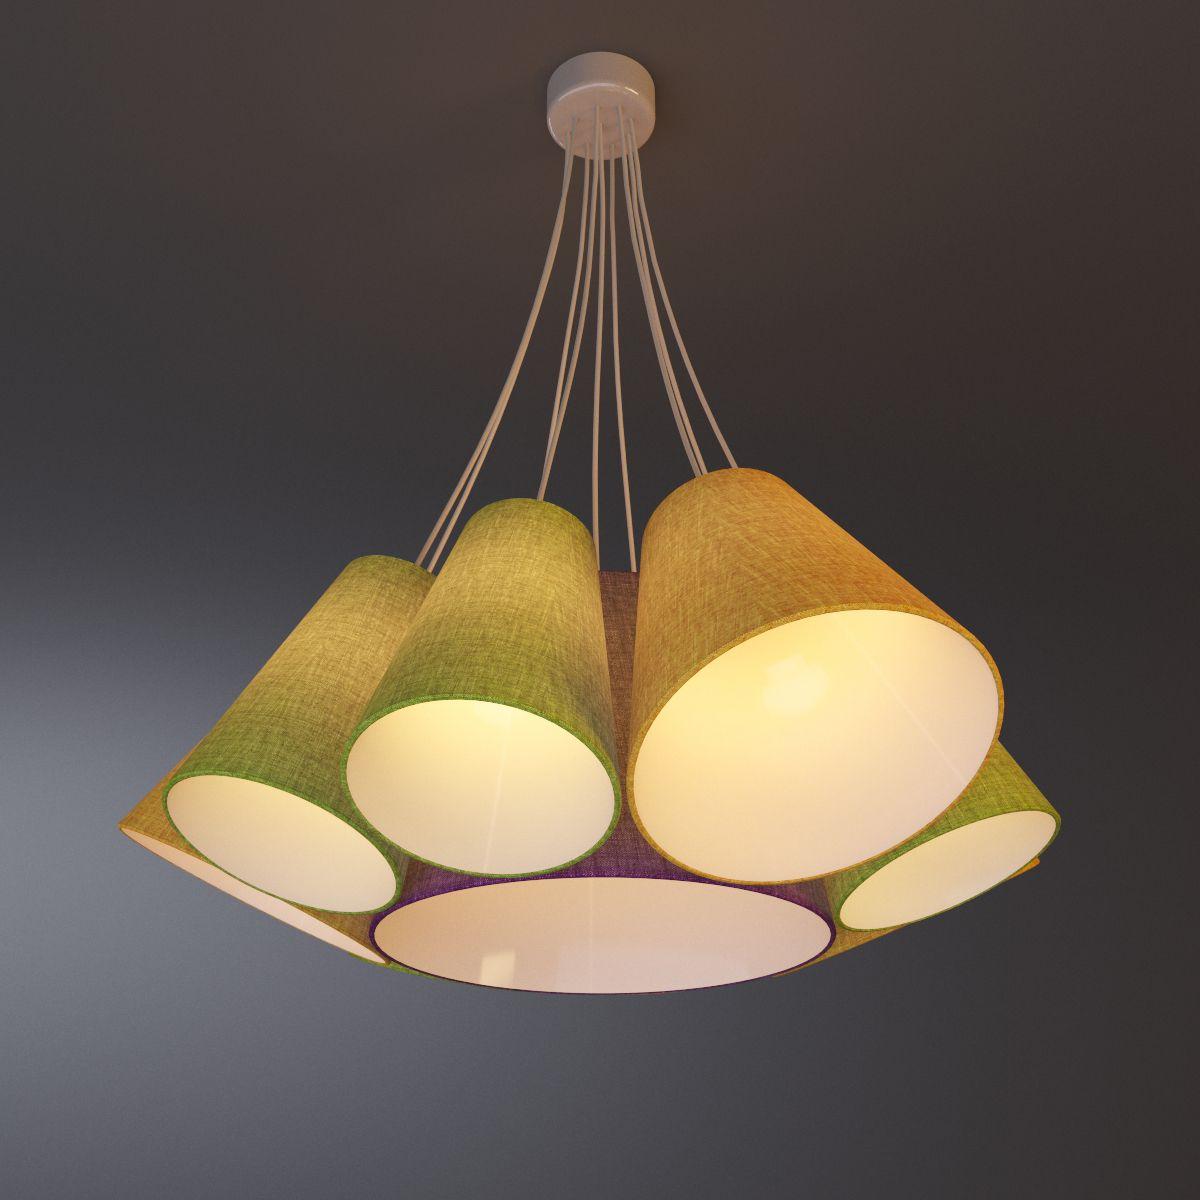 دانلود لوستر کلاسیک 3DDD - Ceiling Lamp